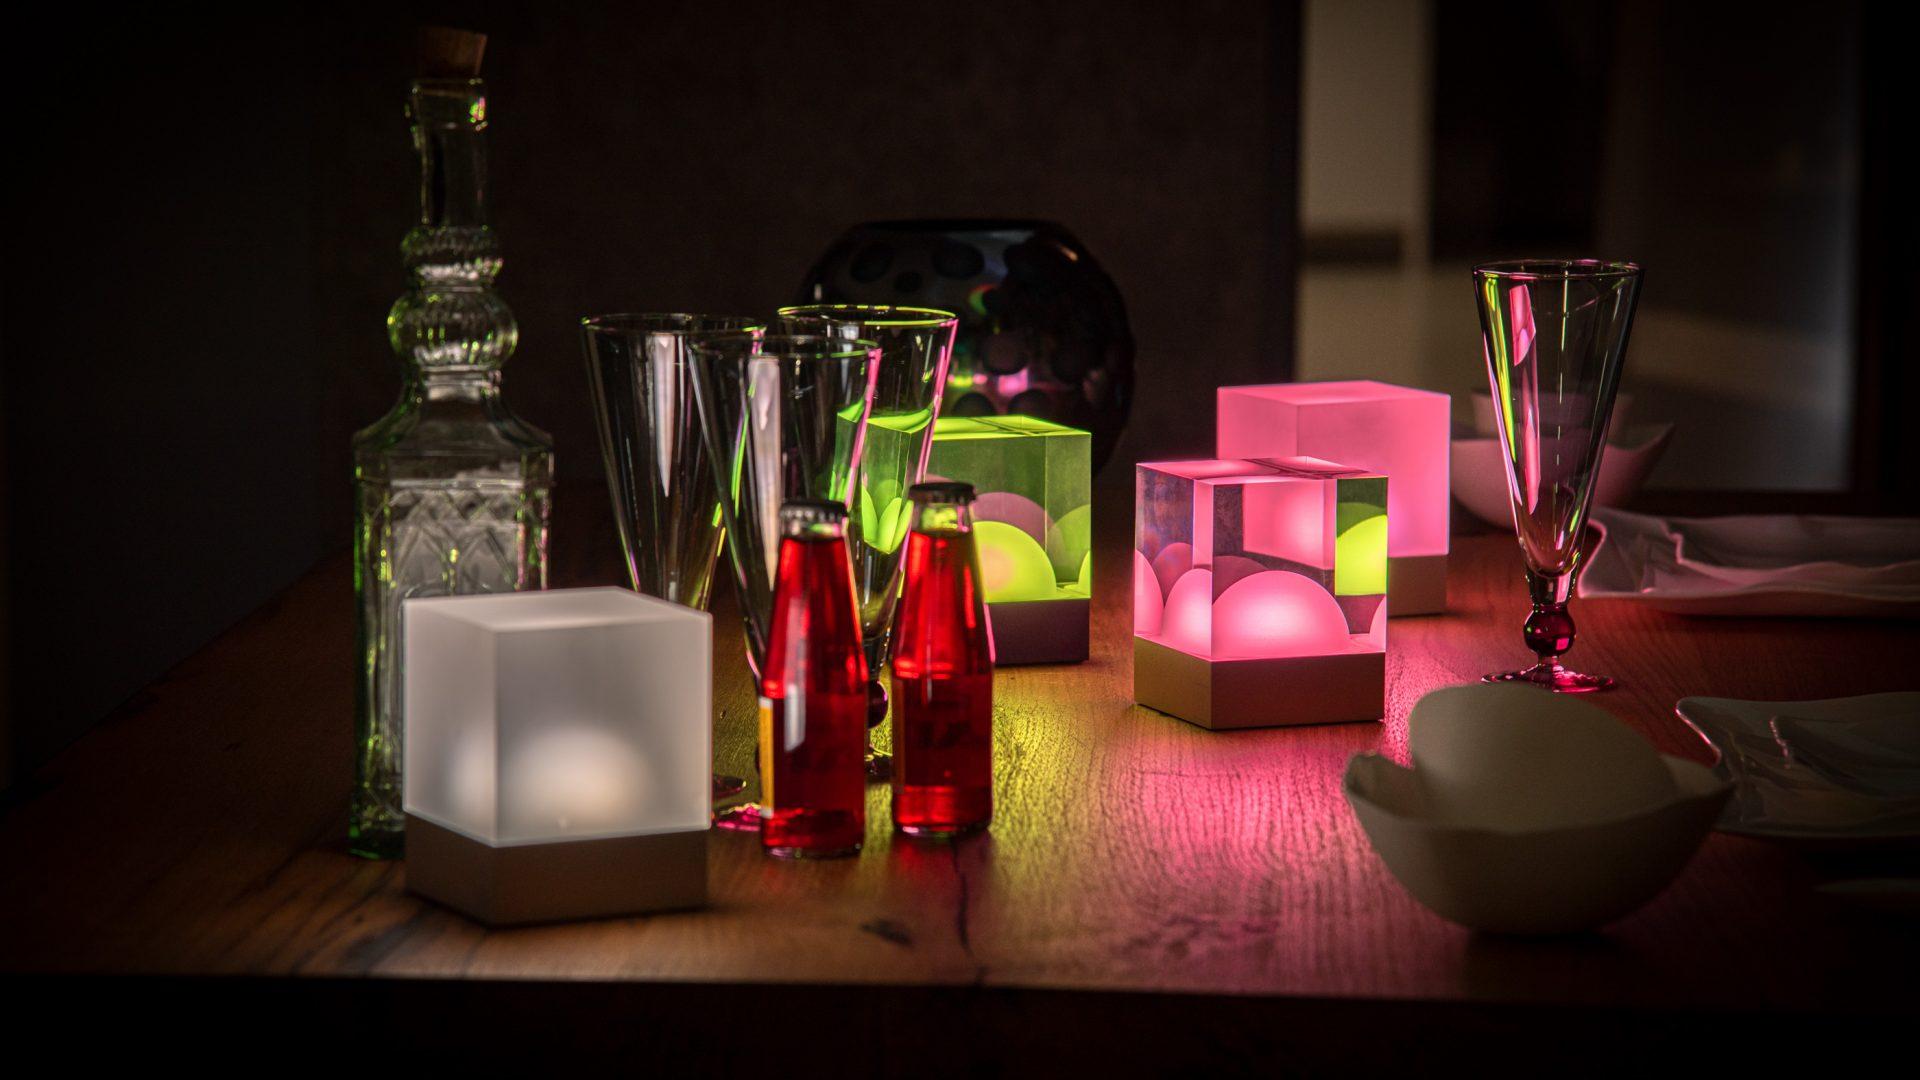 CUBE Tischlampen geben kabelloses Licht auf einem Tisch bei Abendessen